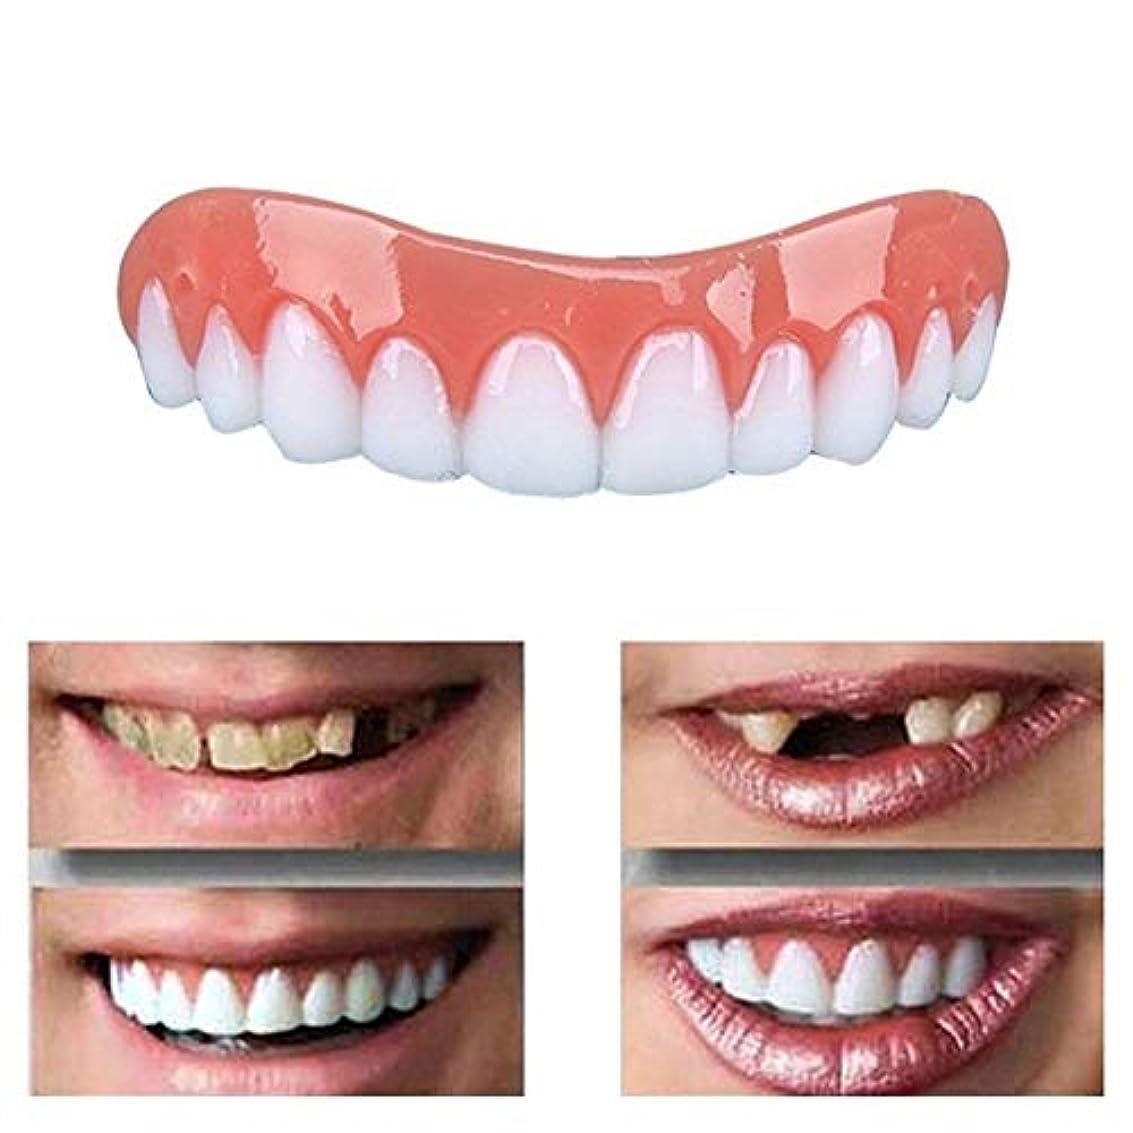 どきどき着実に移民2組の完璧な笑顔のベニヤダブの歯の修正のための在庫でダブあなたに与える完璧な笑顔のベニヤ